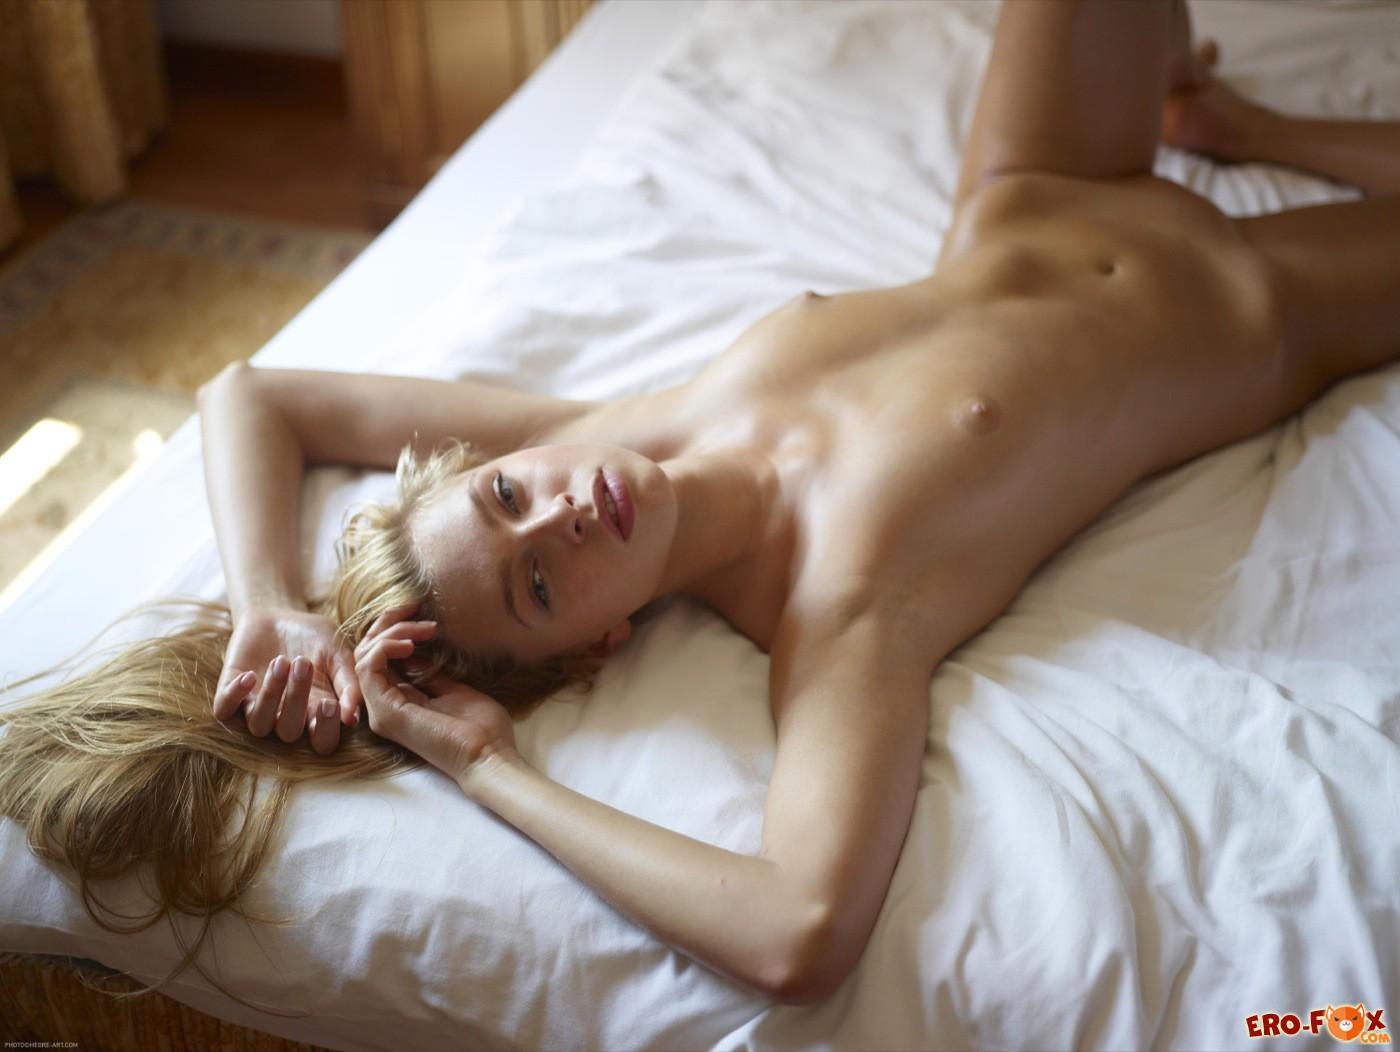 Блондинка с аппетитной щёлкой лежит на кровати - фото